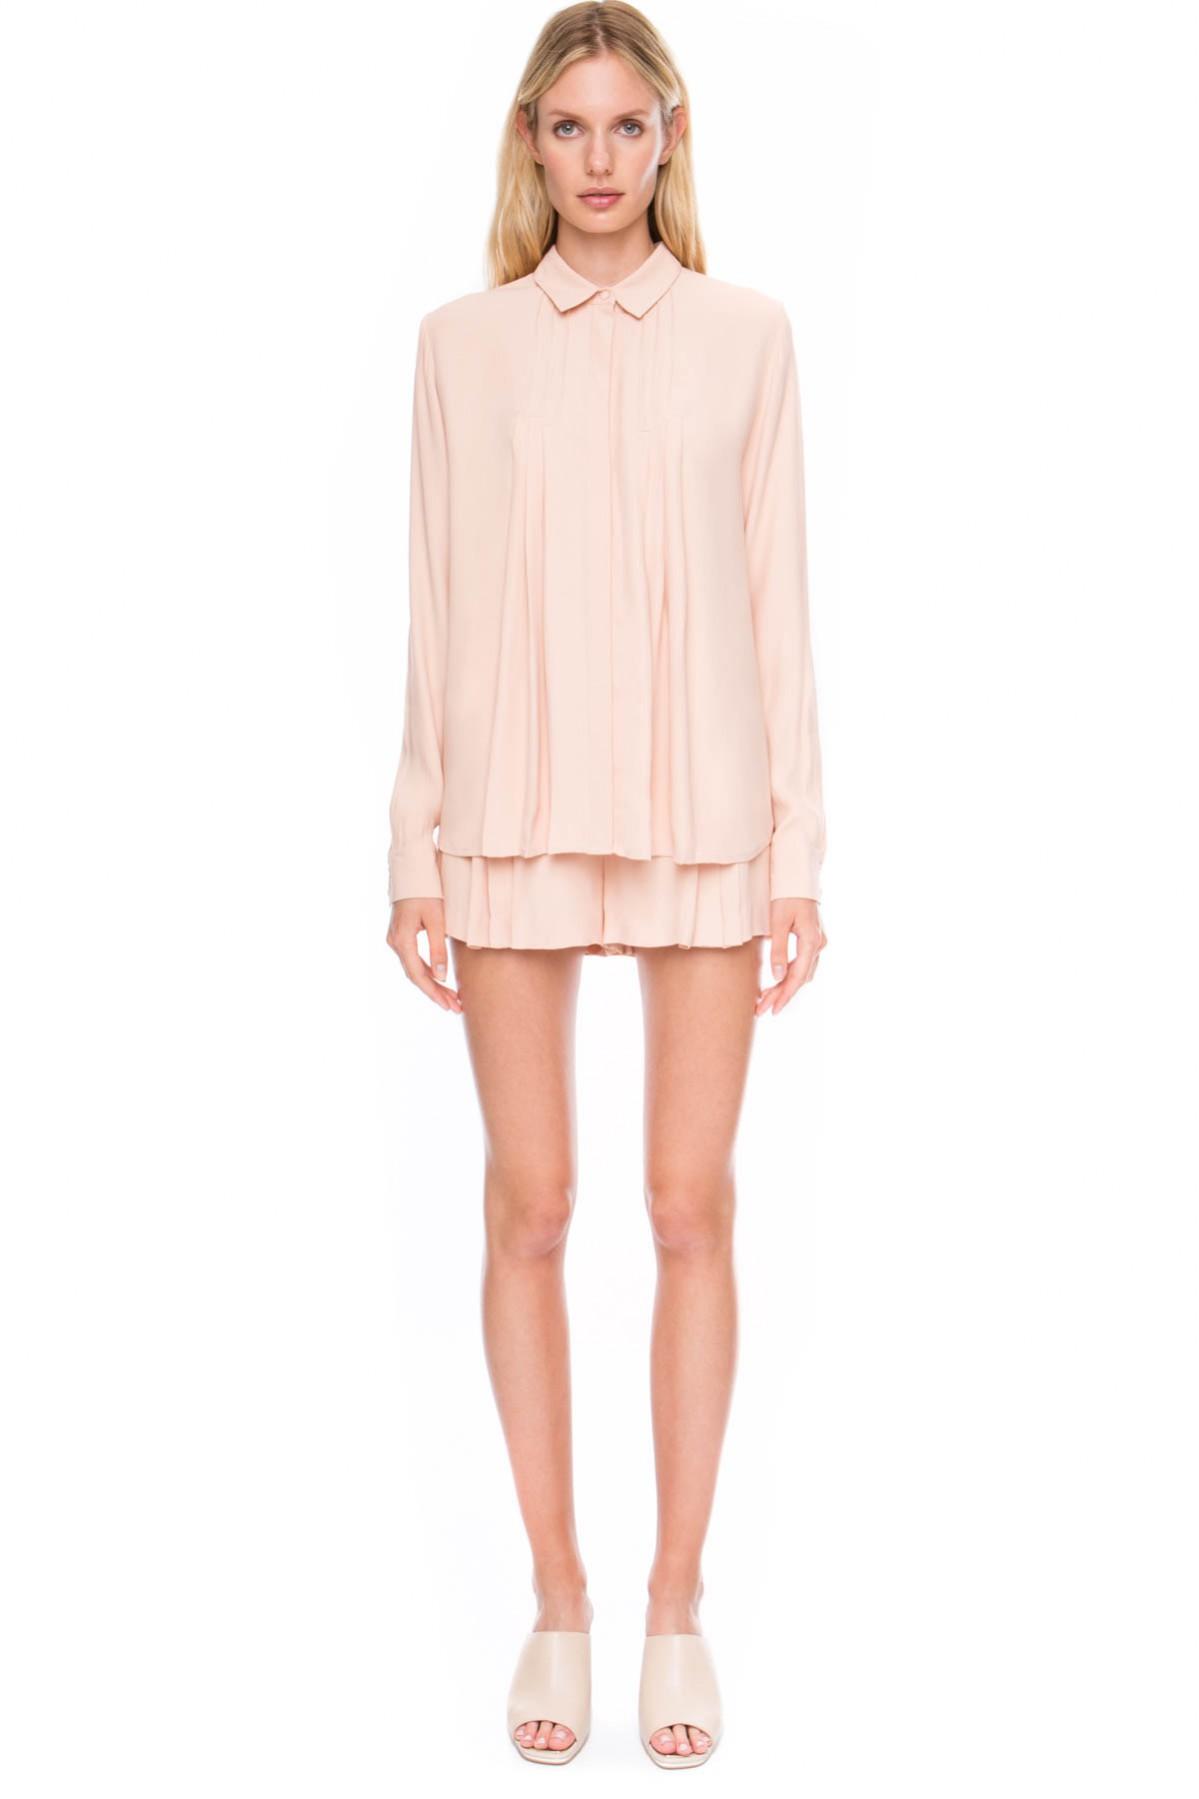 Shop C/MEO The Frayne Shirt + Short.